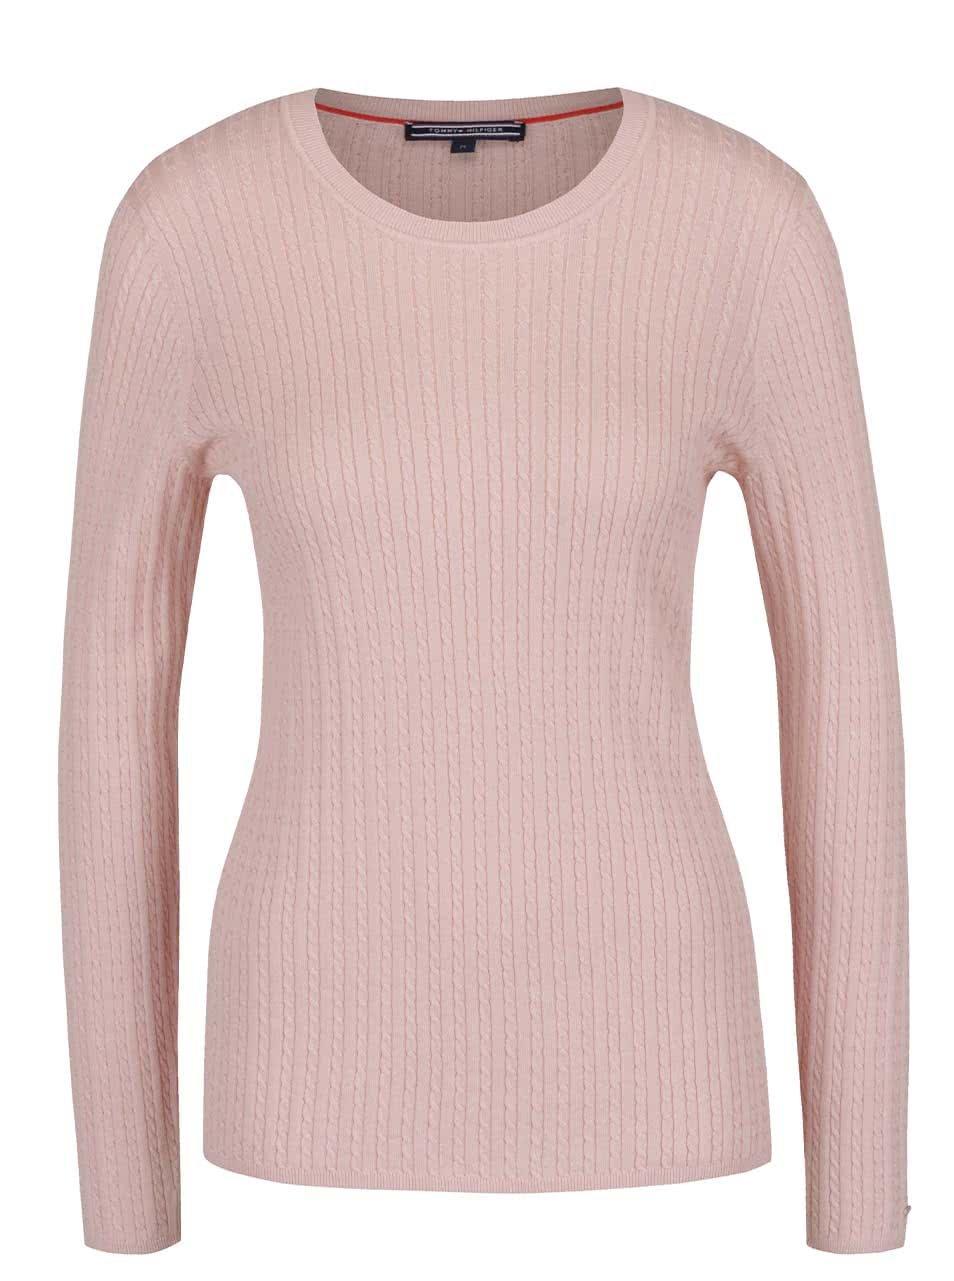 Svetloružový dámsky sveter Tommy Hilfiger ... 66b9915b559